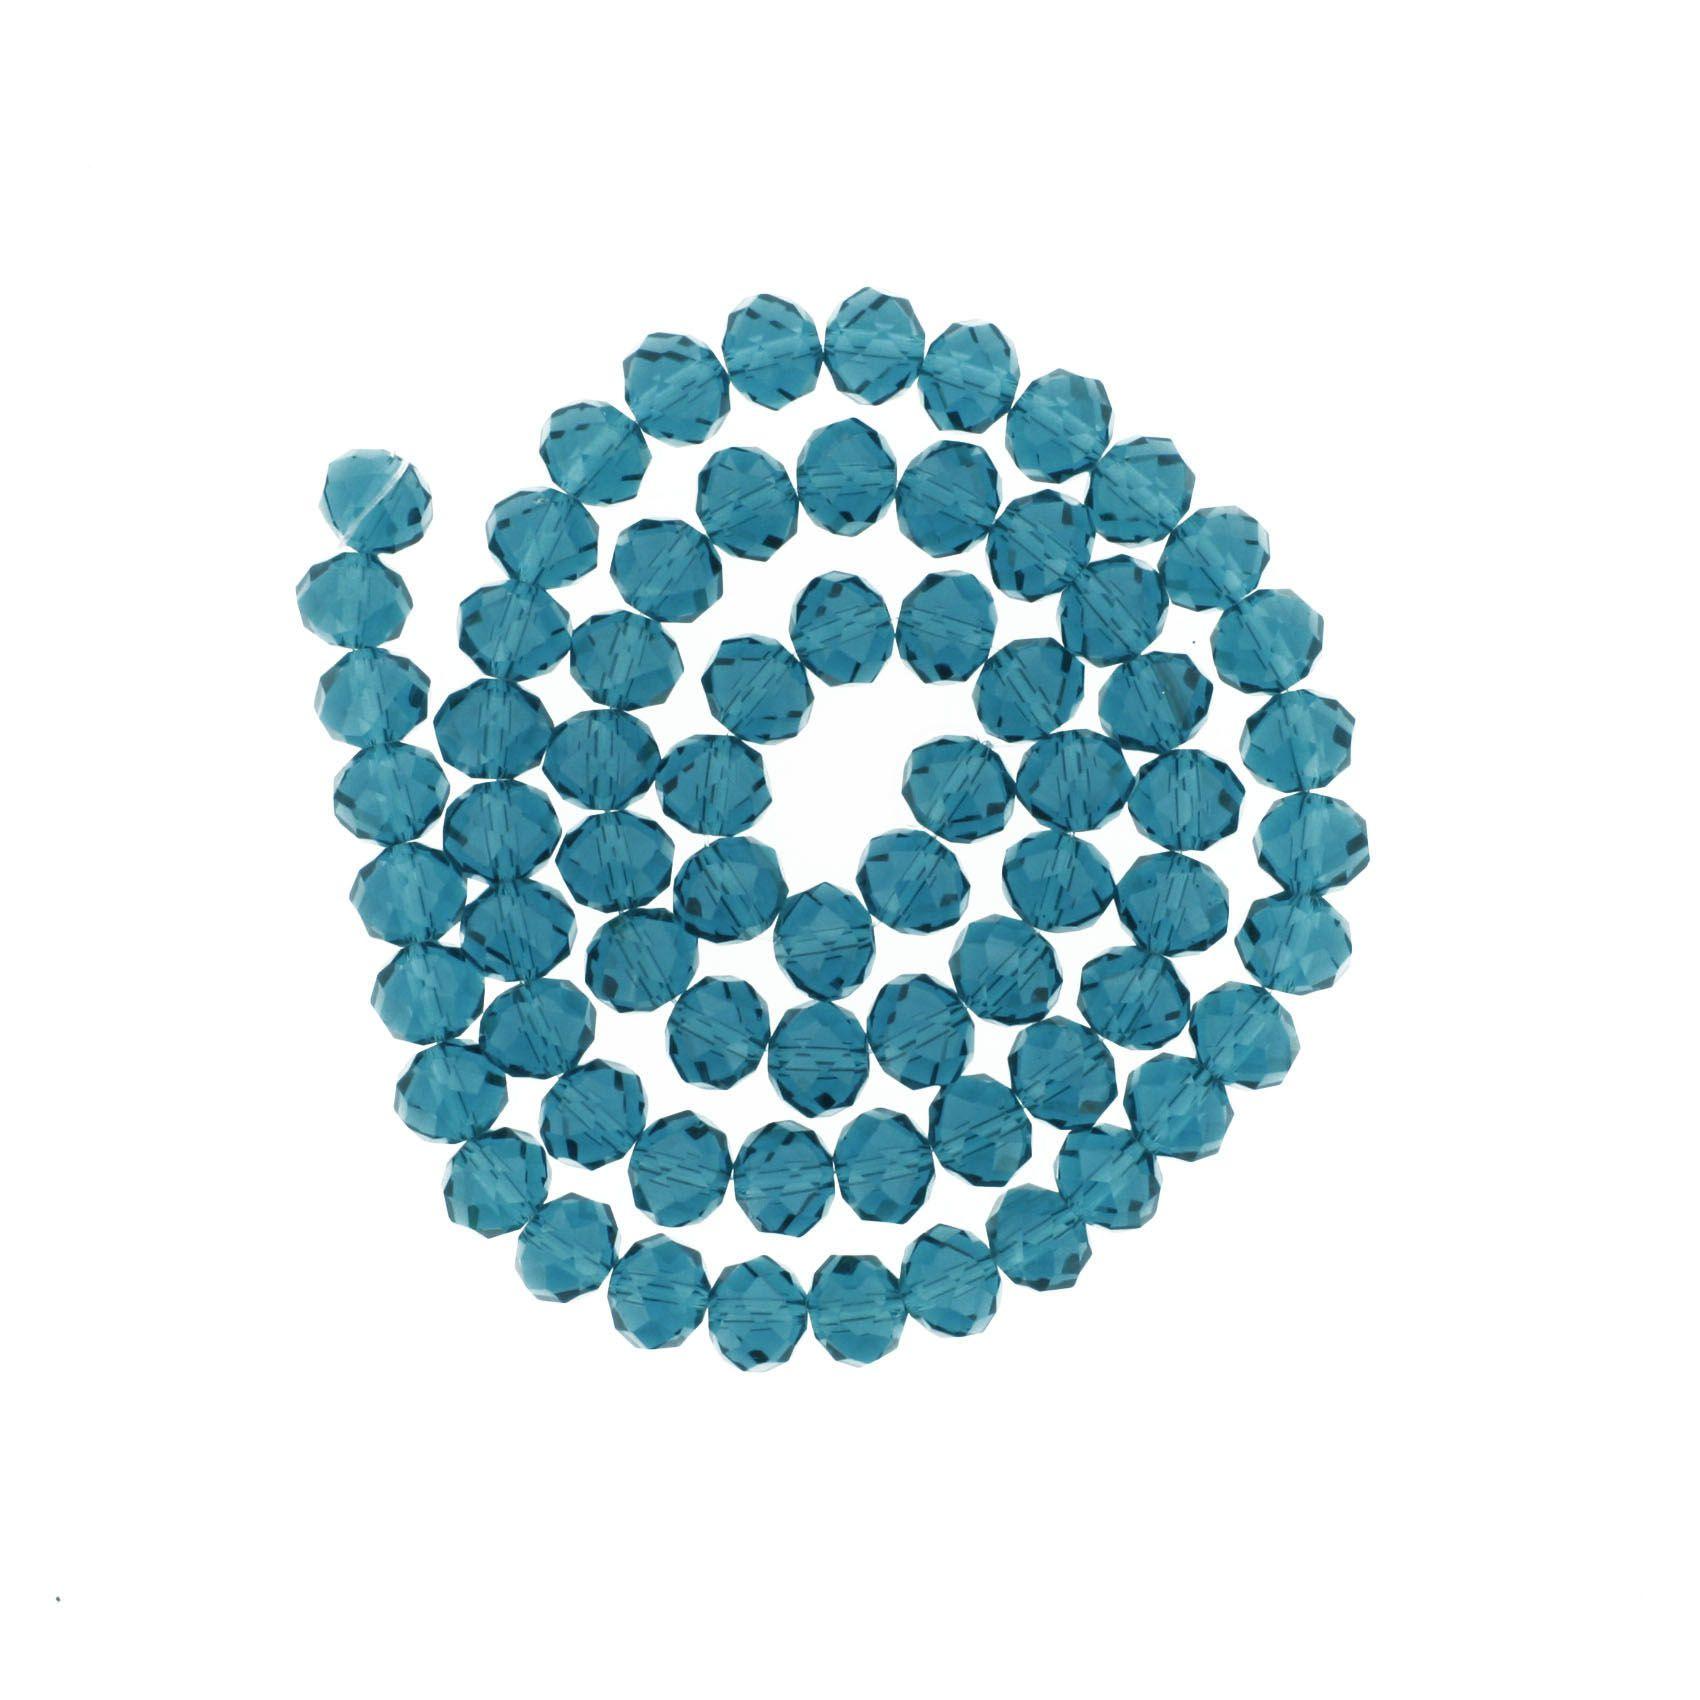 Fio de Cristal - Piatto® - Azul Petróleo - 10mm  - Universo Religioso® - Artigos de Umbanda e Candomblé